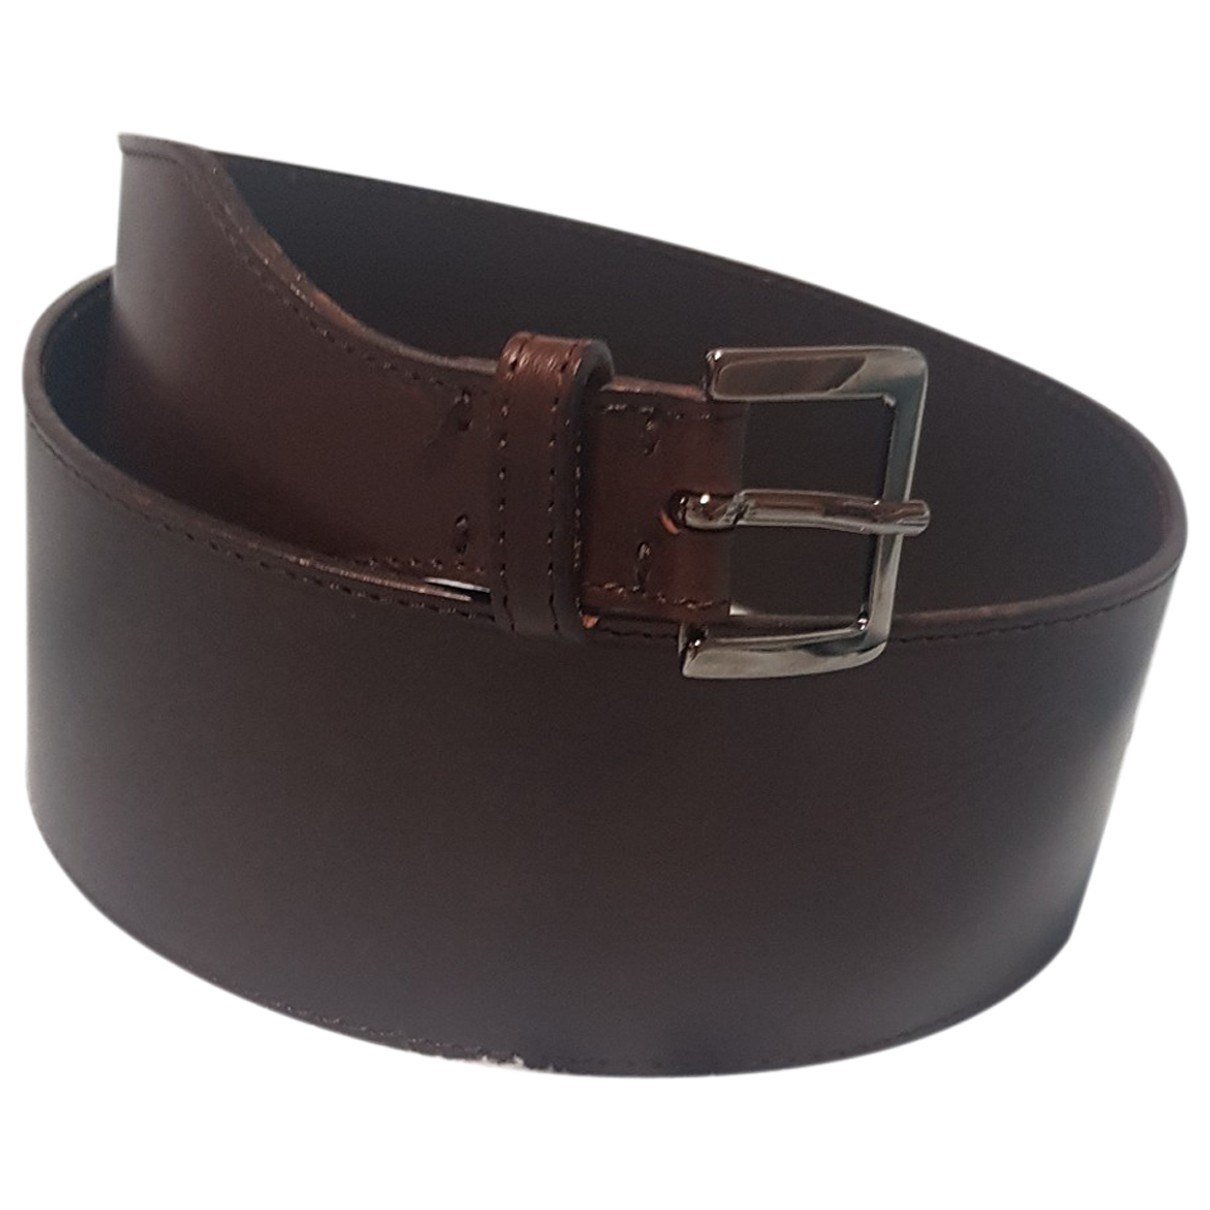 Stefanel N Brown Leather belt for Women L International